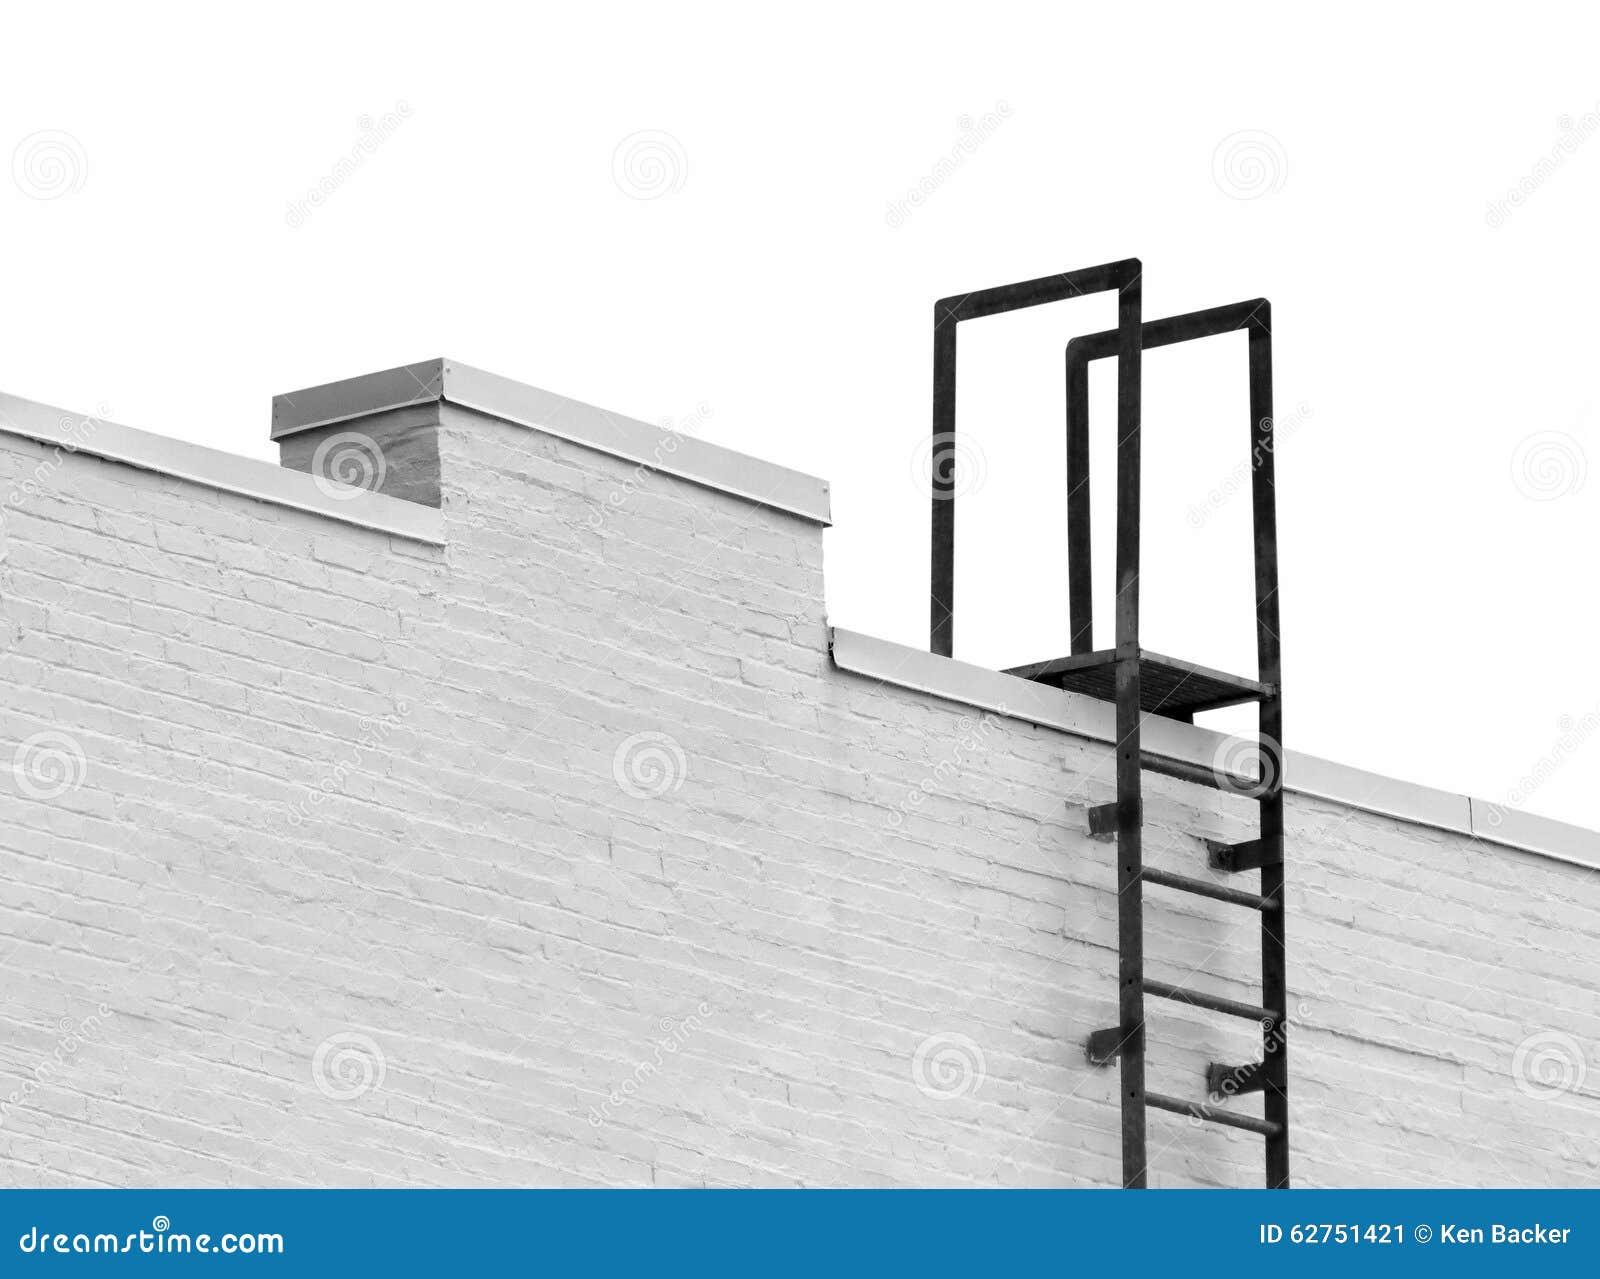 Överkant av en stege som ska takläggas isolerat